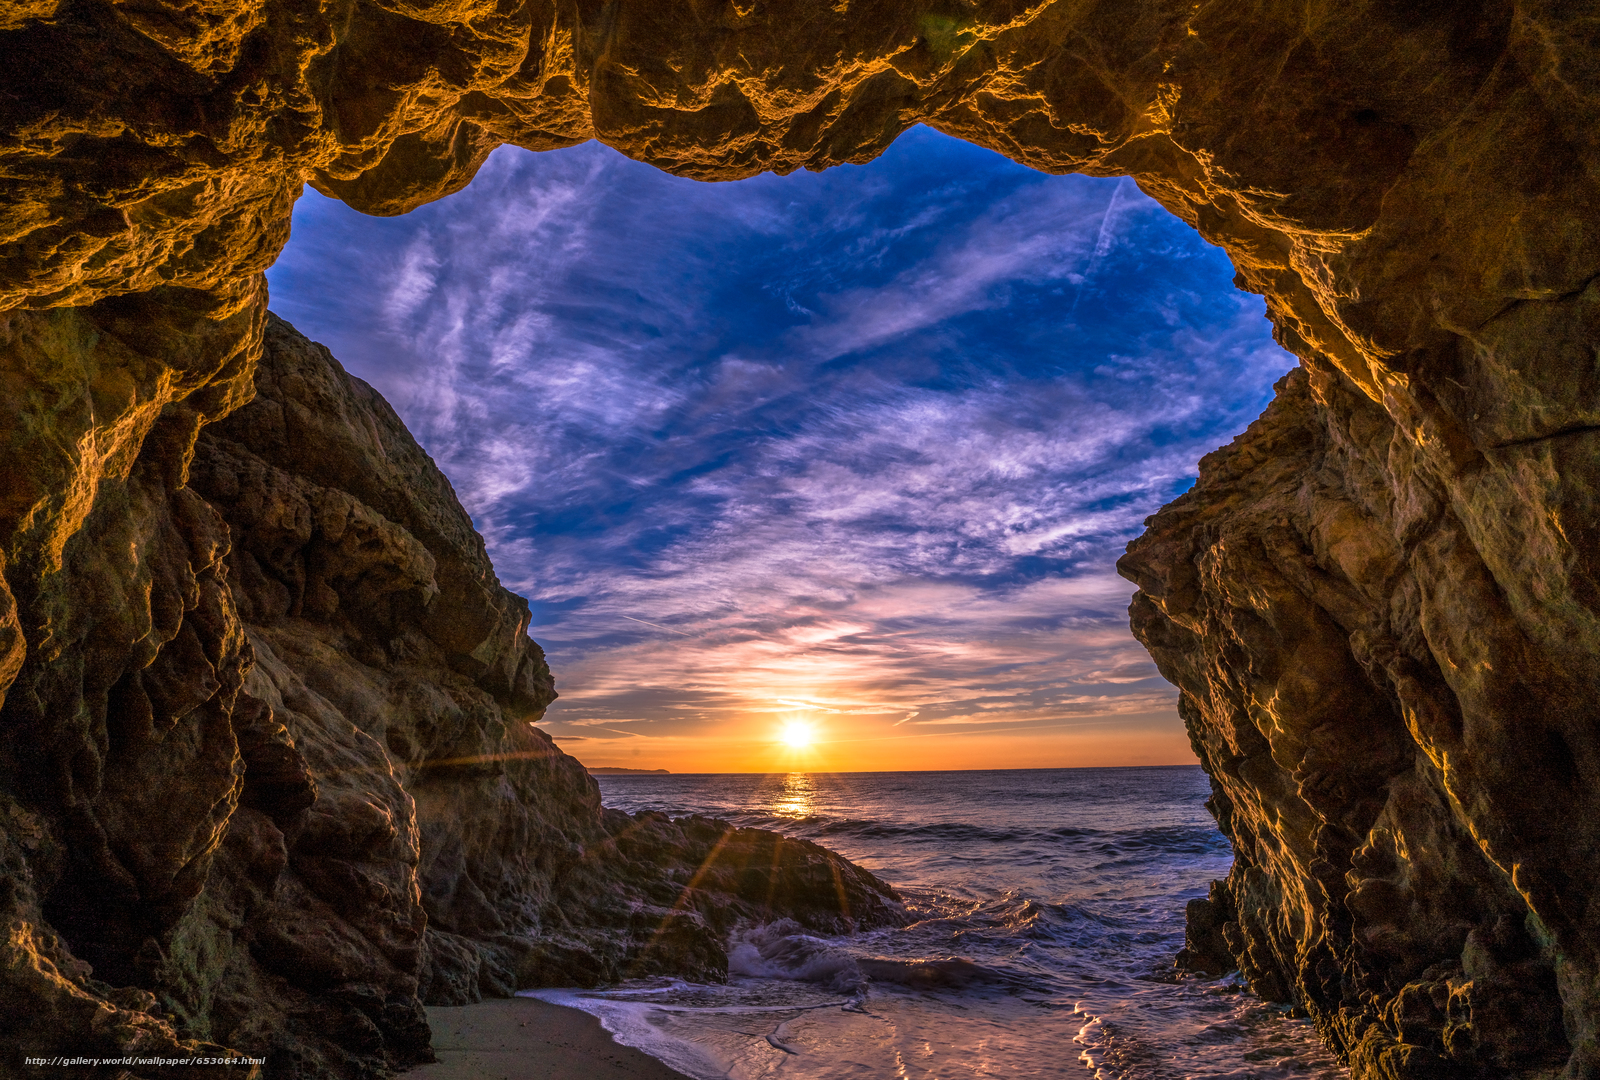 Скачать обои Malibu,  закат,  море,  волны бесплатно для рабочего стола в разрешении 7337x4952 — картинка №653064